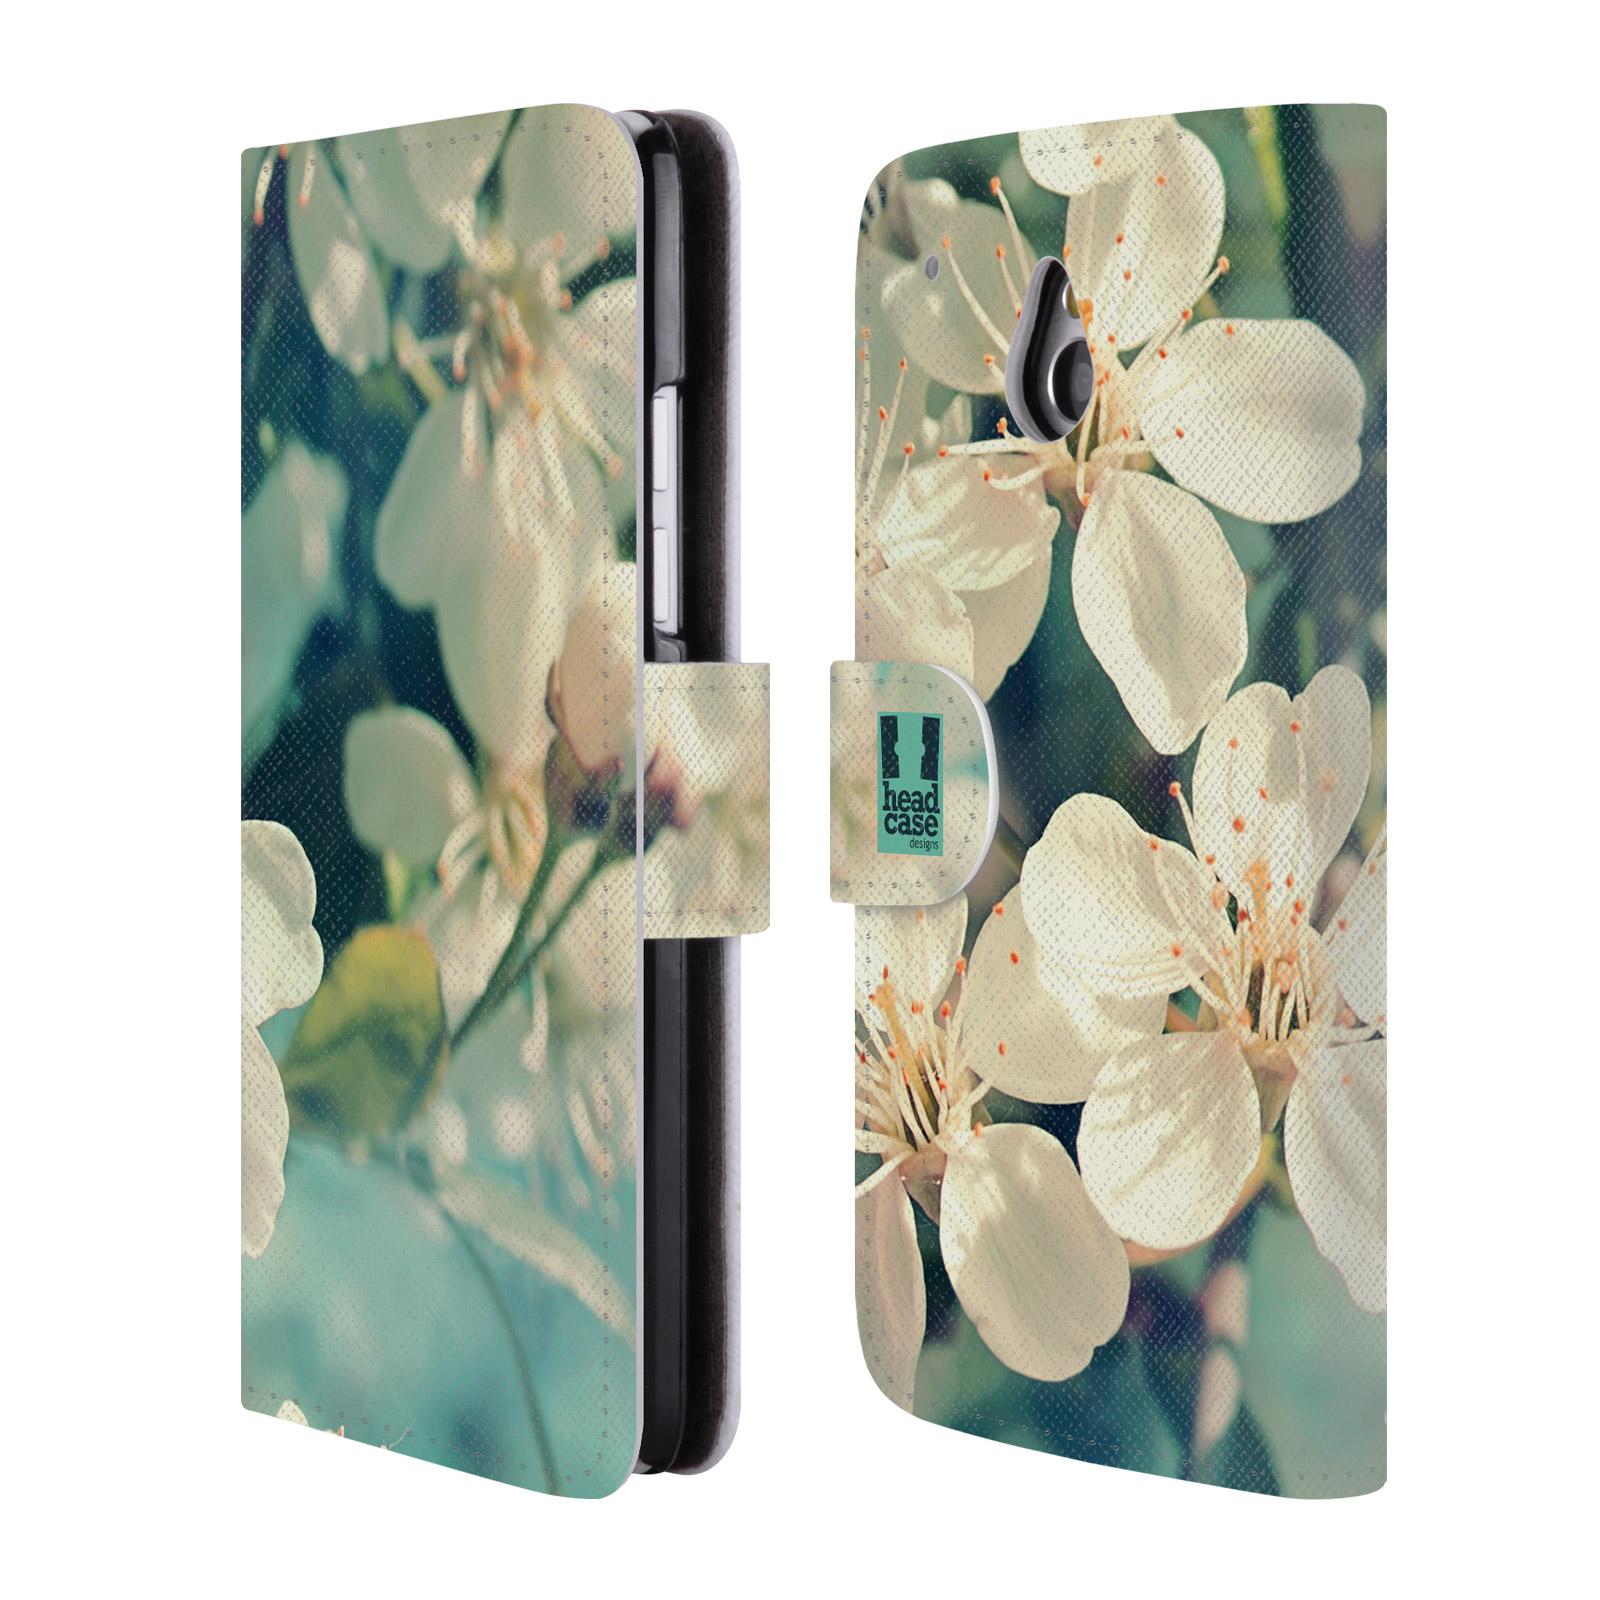 HEAD CASE Flipové pouzdro pro mobil HTC ONE MINI (M4) květy foto rozkvetlá třešeň